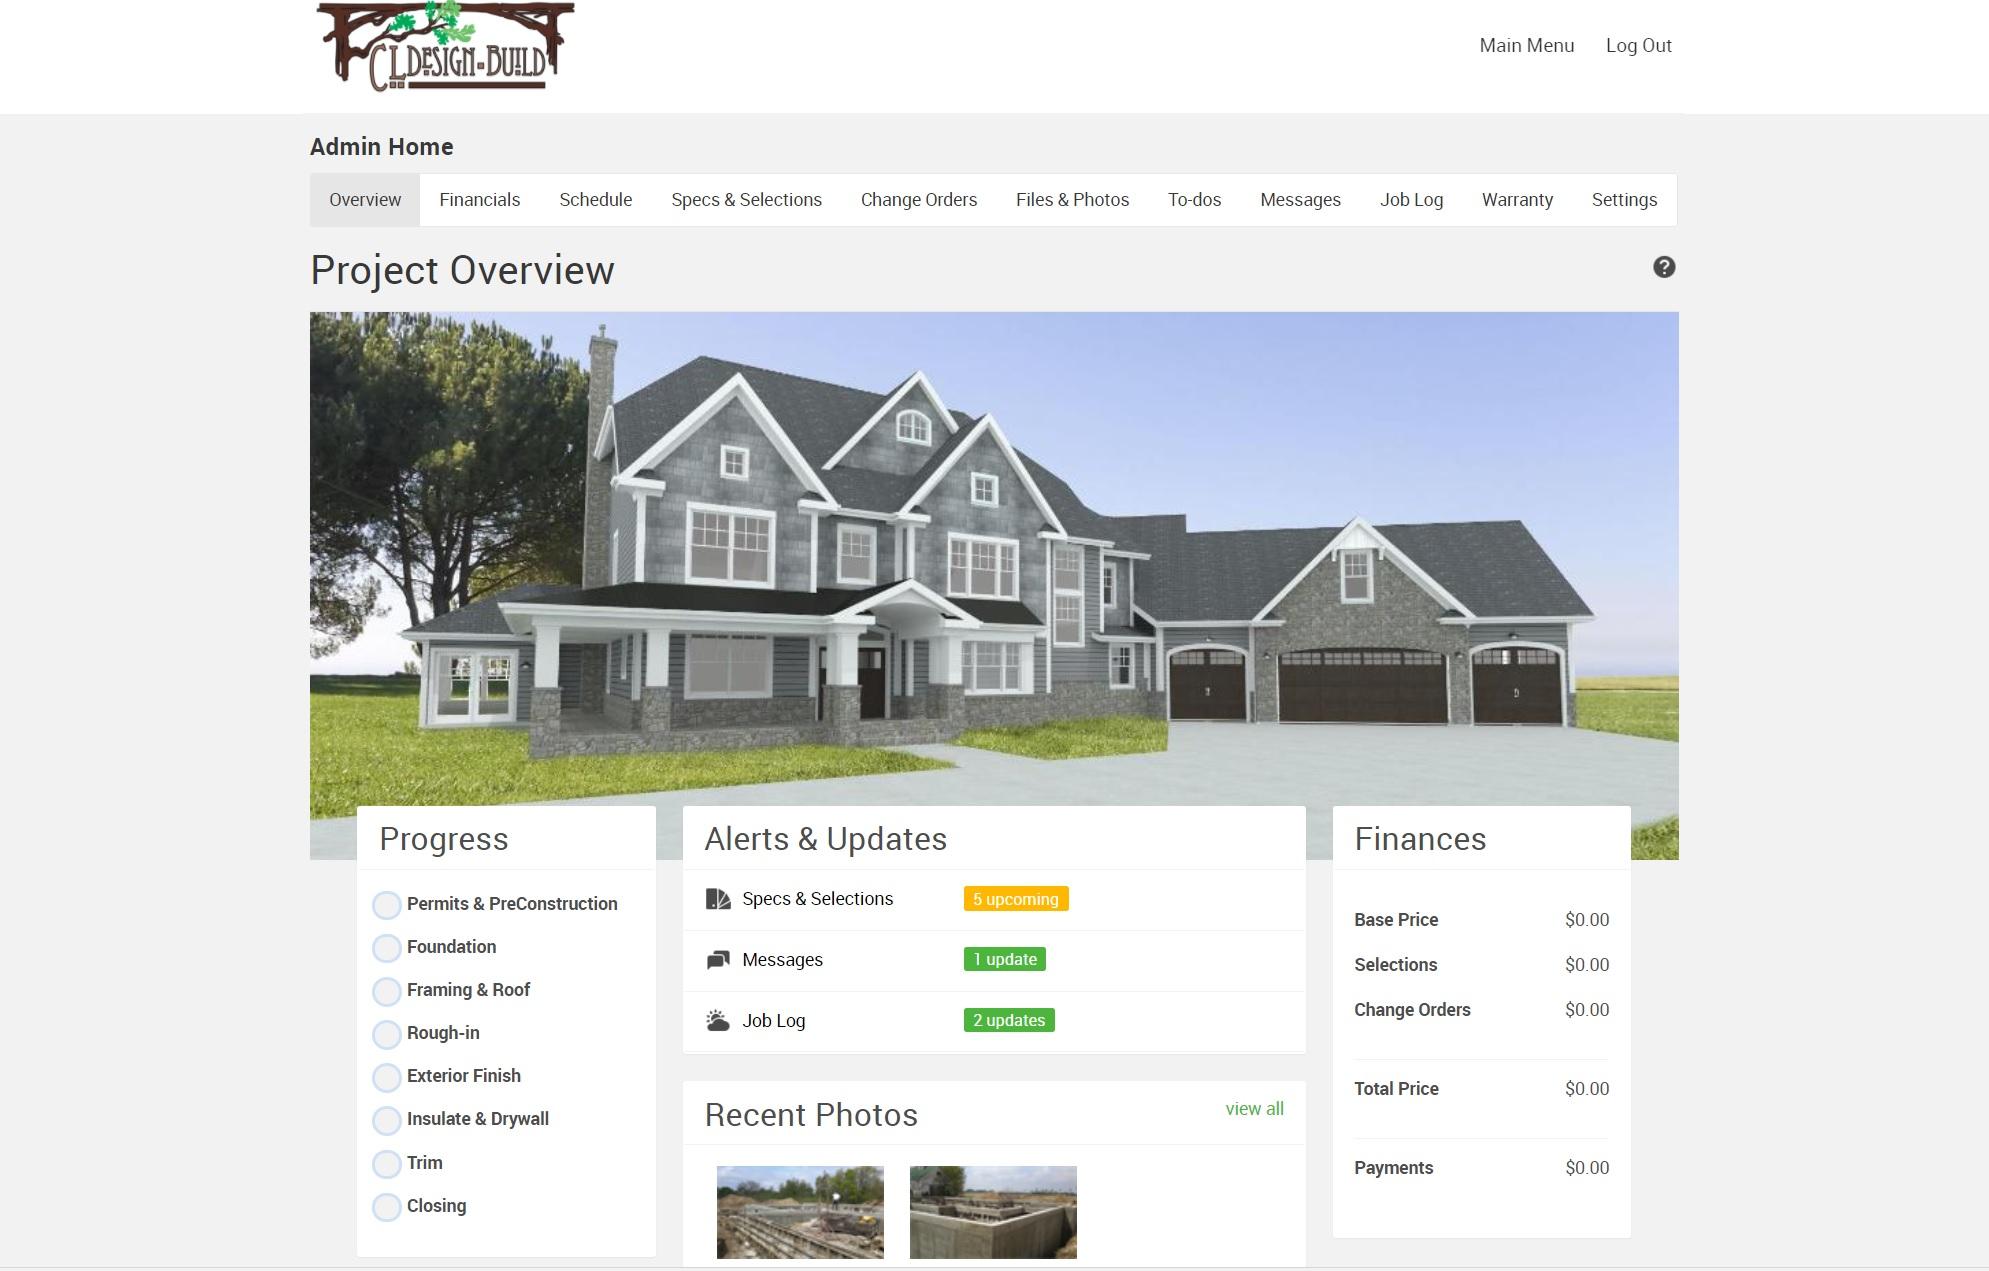 CL Design-Build Construction App